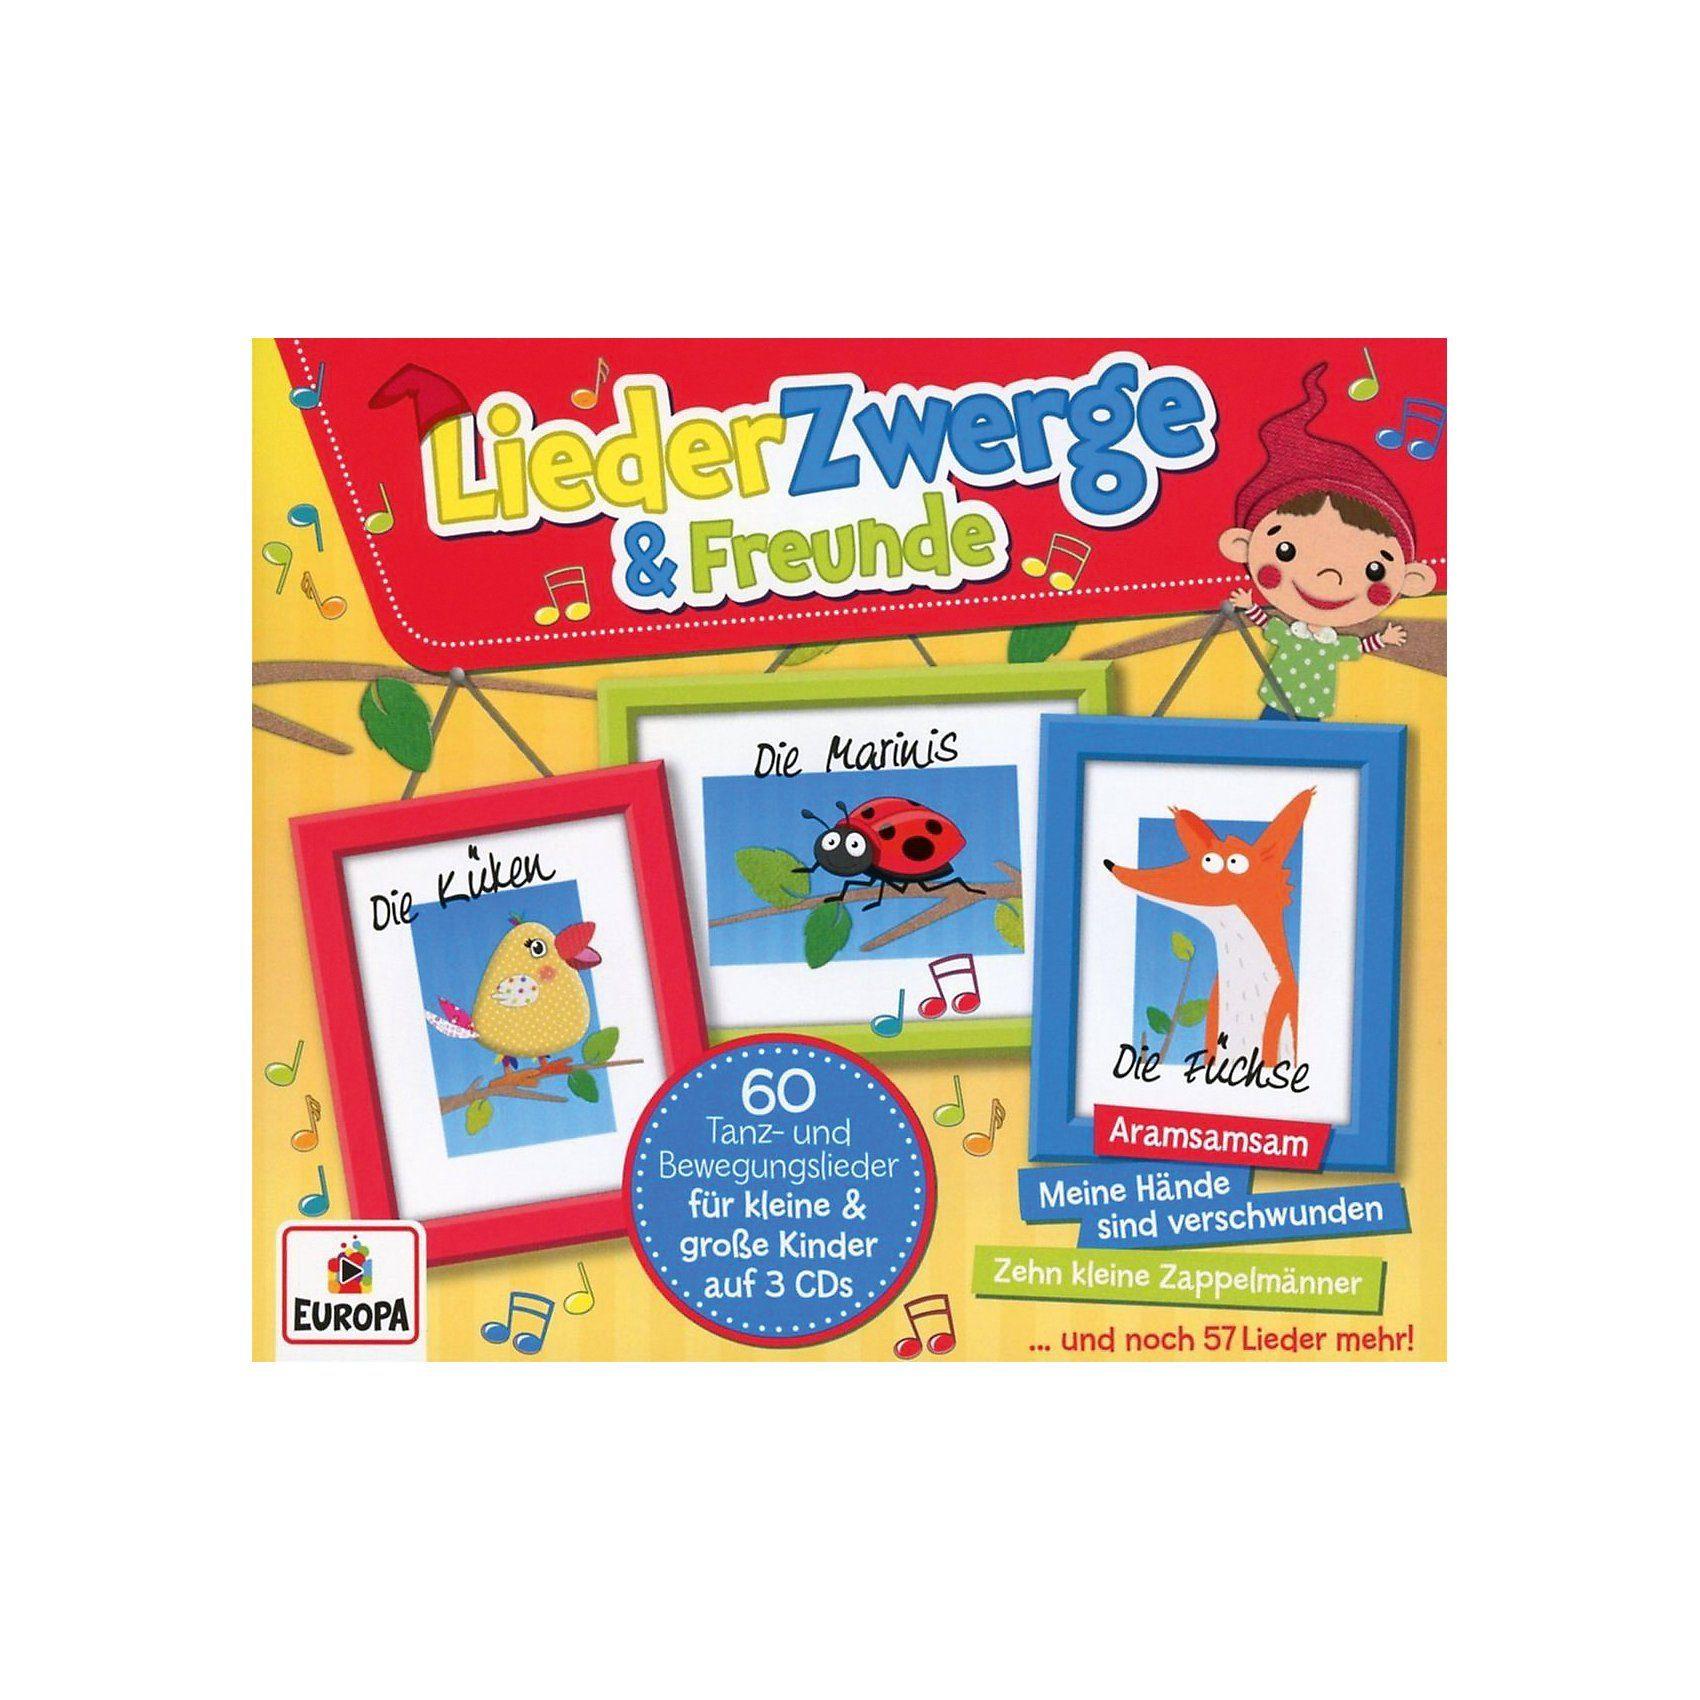 SONY BMG MUSIC CD Liederzwerge und Freunde (3-CD Box)